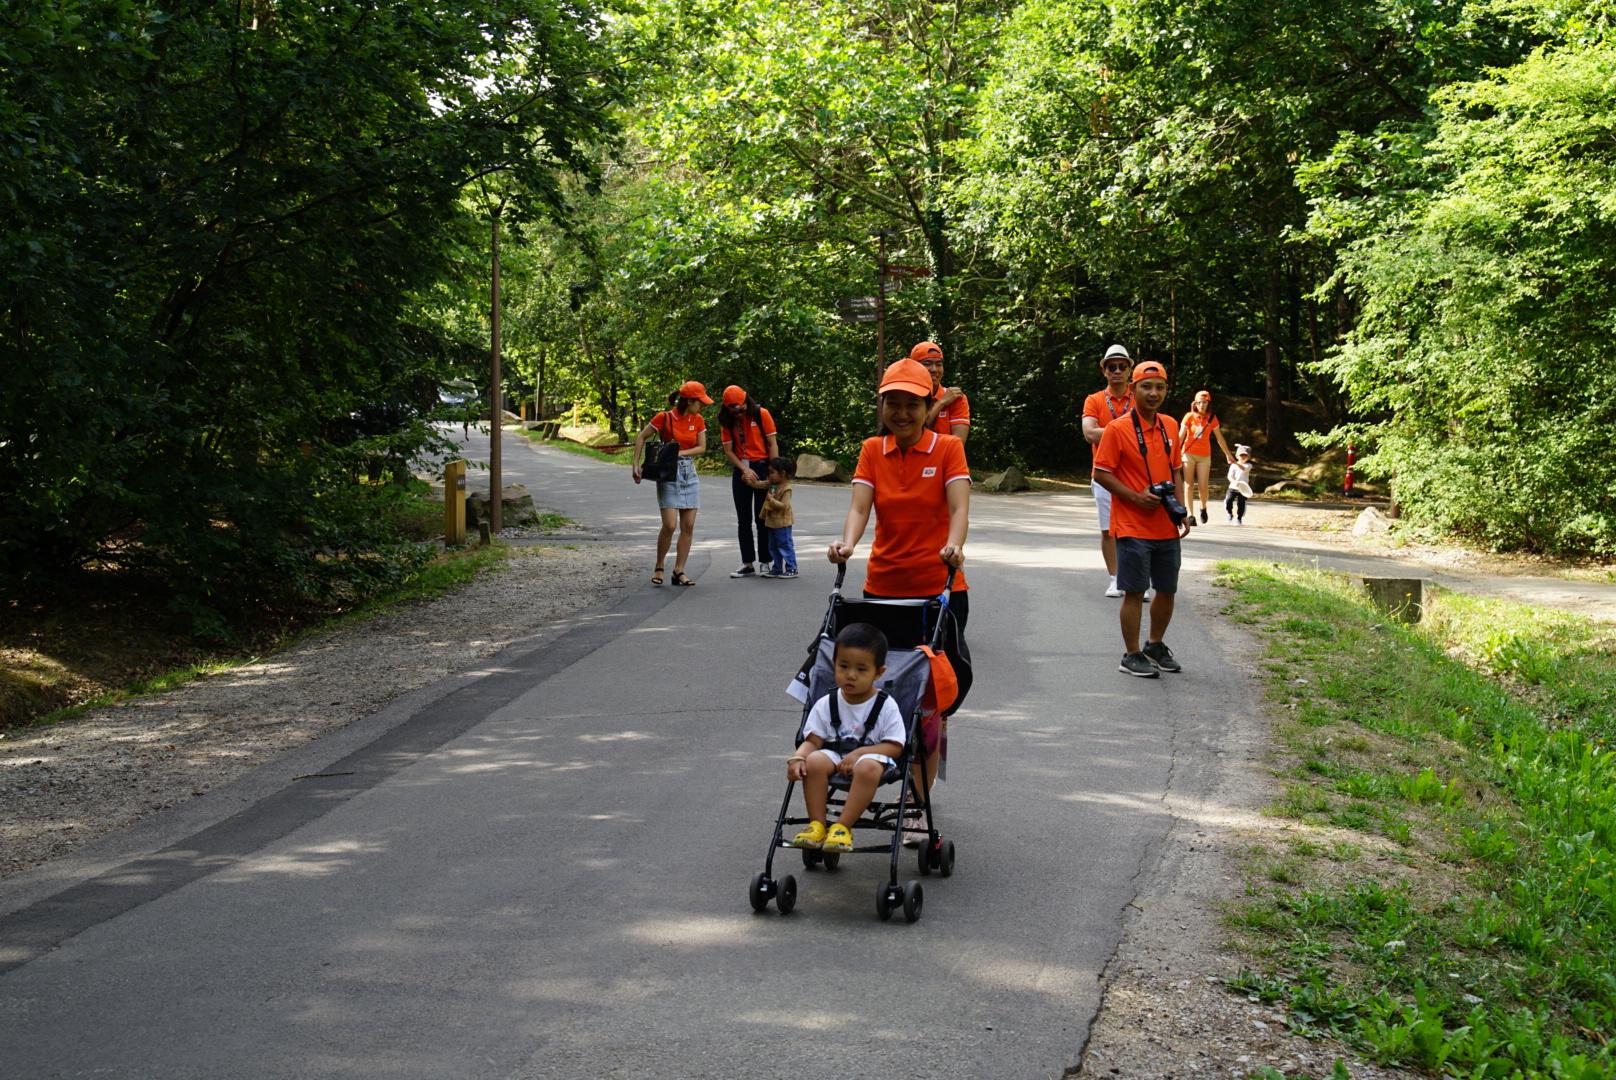 Chị Dương cho hay ở Pháp mọi người có thói quen đi bộ đi làm, mỗi ngày trung bình 3 km. Mùa hè các chuyến tàu bị hủy khá nhiều, việc đi bộ khá hữu dụng.